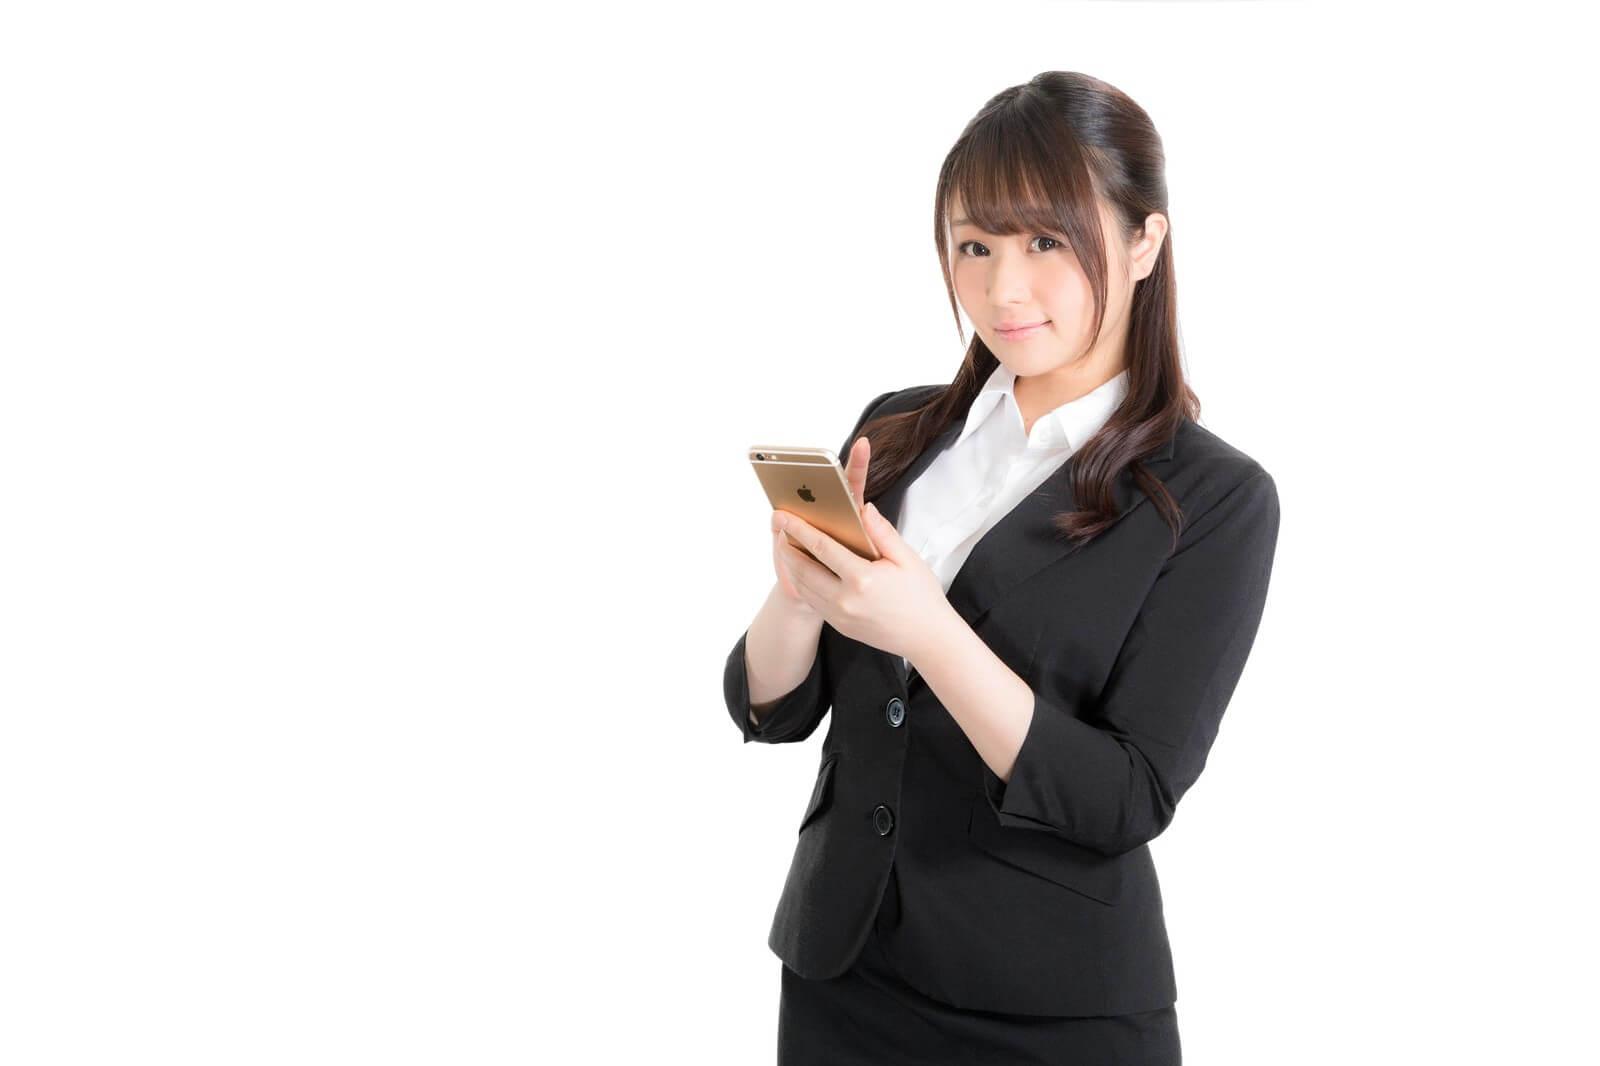 エックスモバイルのかけたい放題アプリの注意点を説明する女性